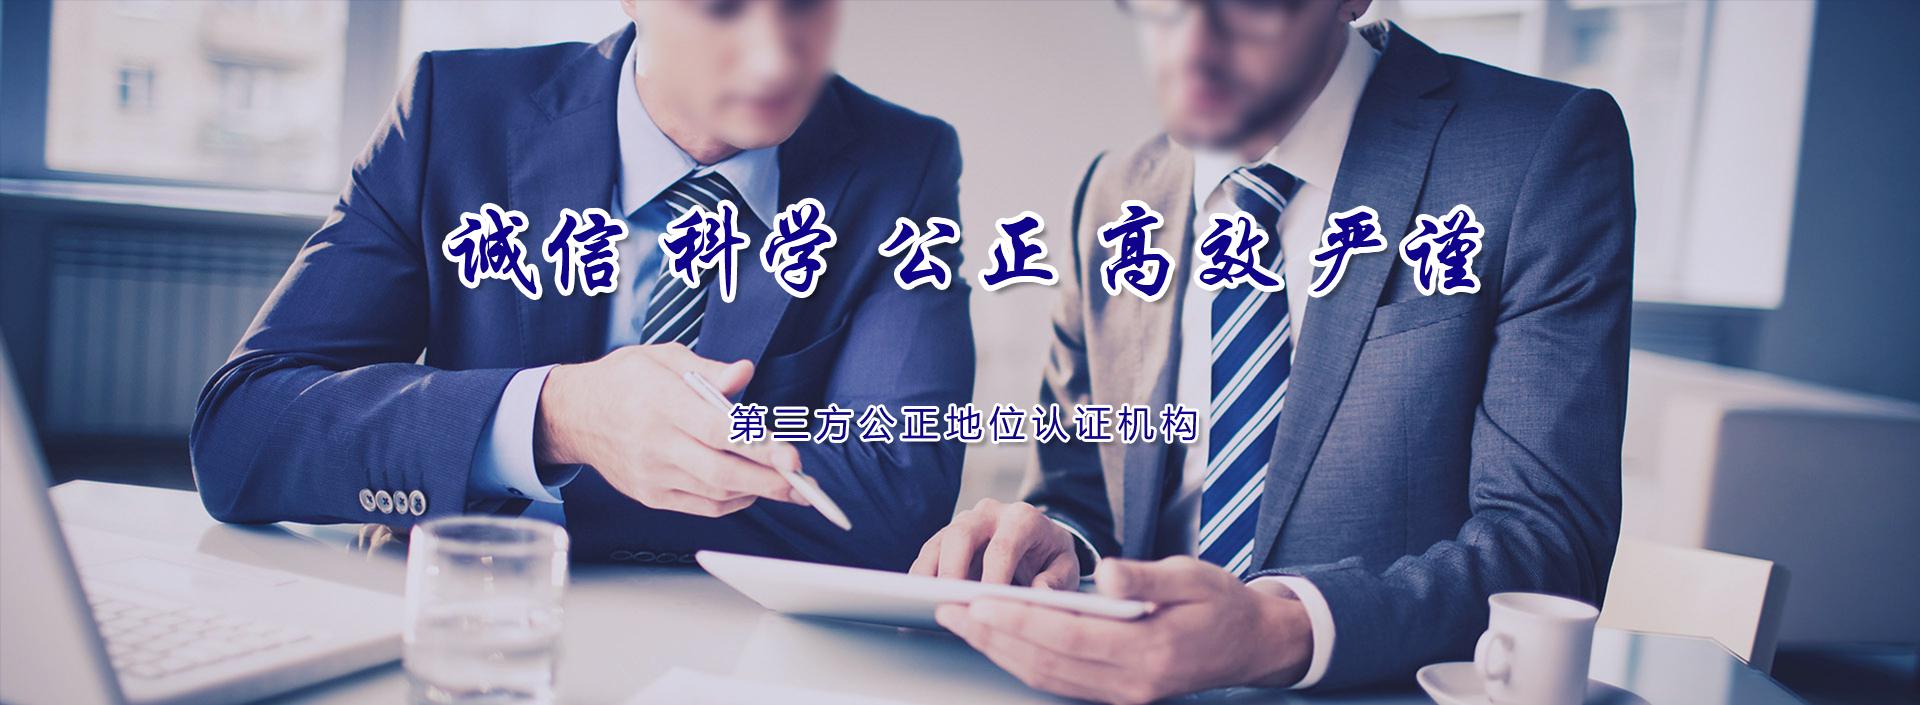 青岛认证公司